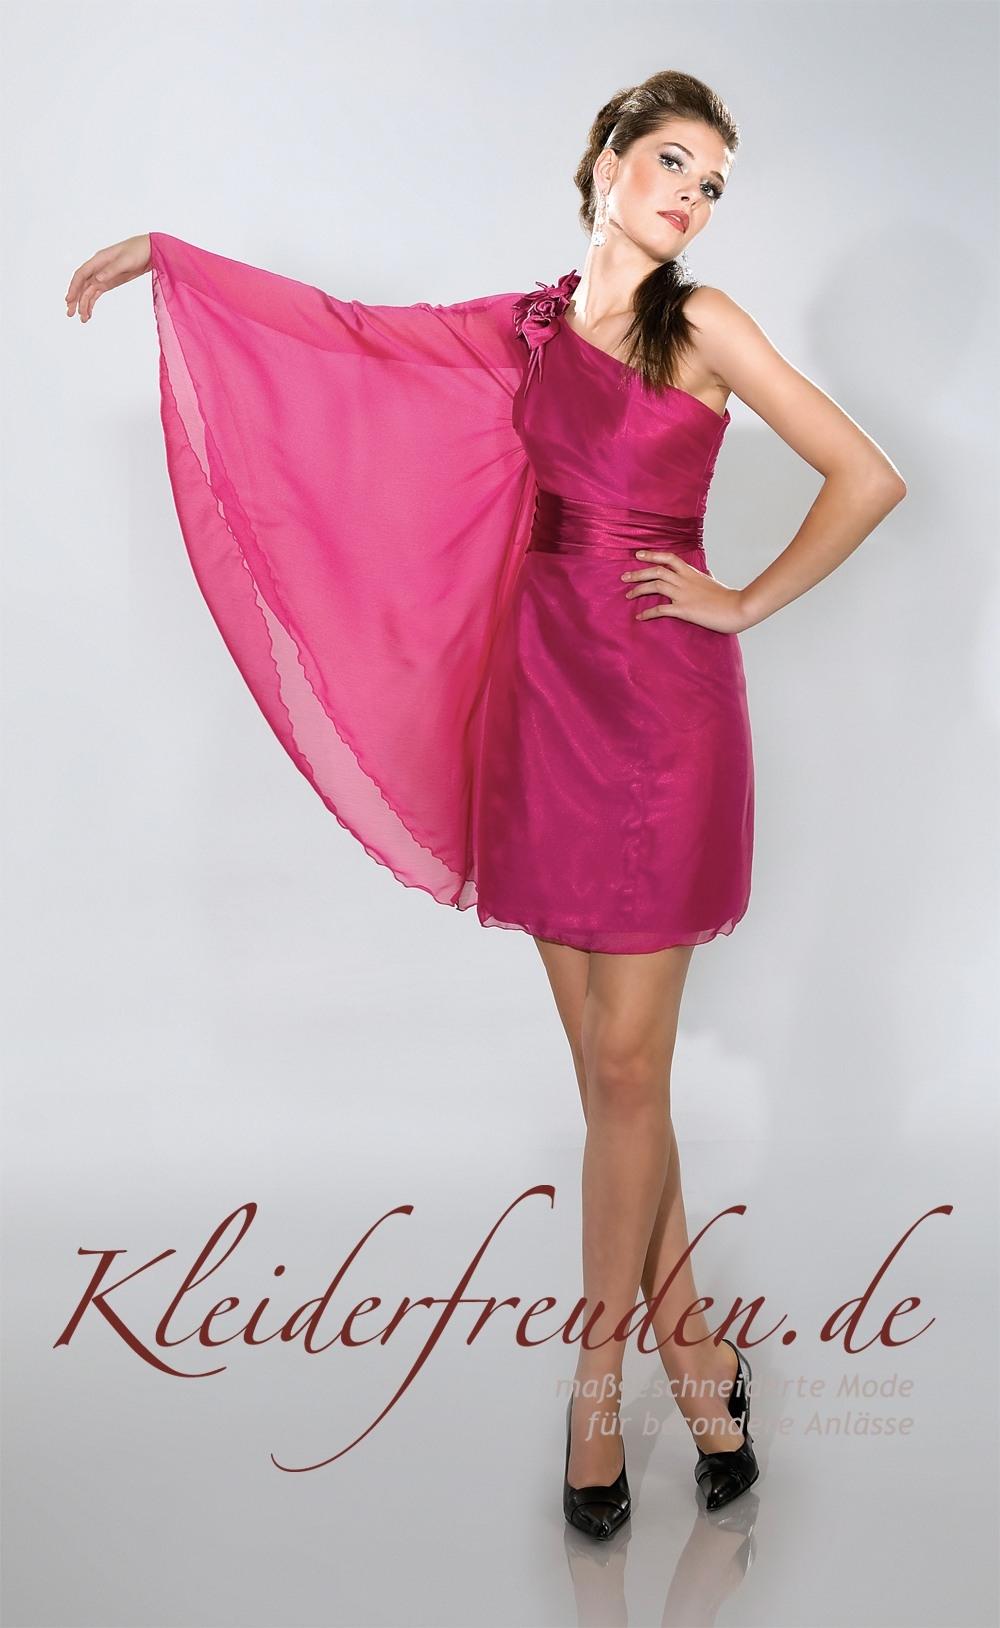 17 Großartig Elegante Kleider Für Hochzeit Kurz Vertrieb10 Coolste Elegante Kleider Für Hochzeit Kurz Ärmel